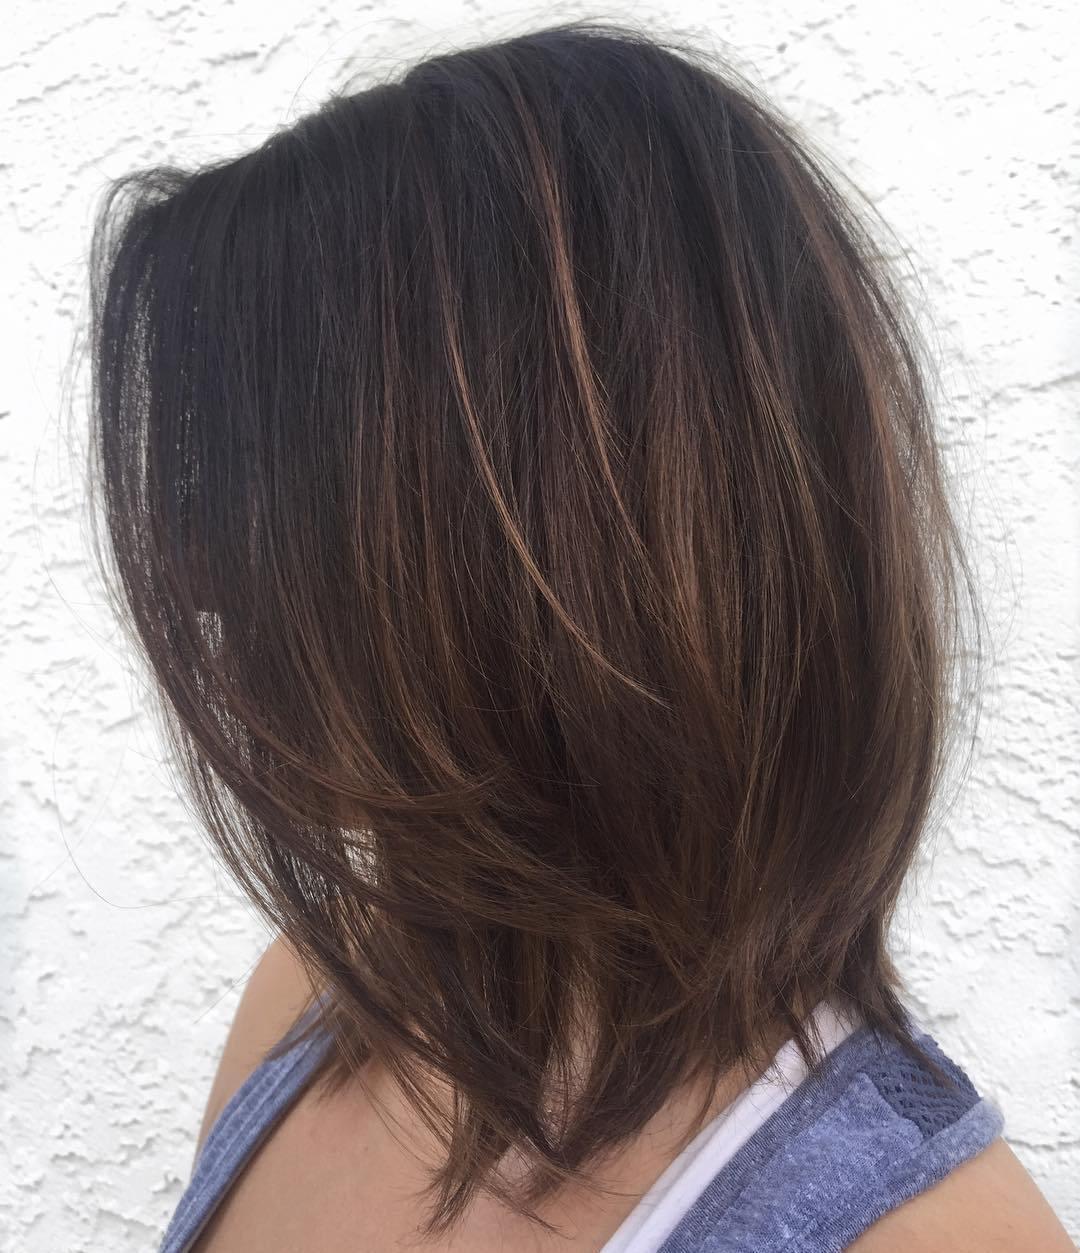 70 coiffures parfaites de longueur moyenne pour les cheveux fins 5e414b5241af8 - 70 coiffures mi longues parfaites pour les cheveux fins